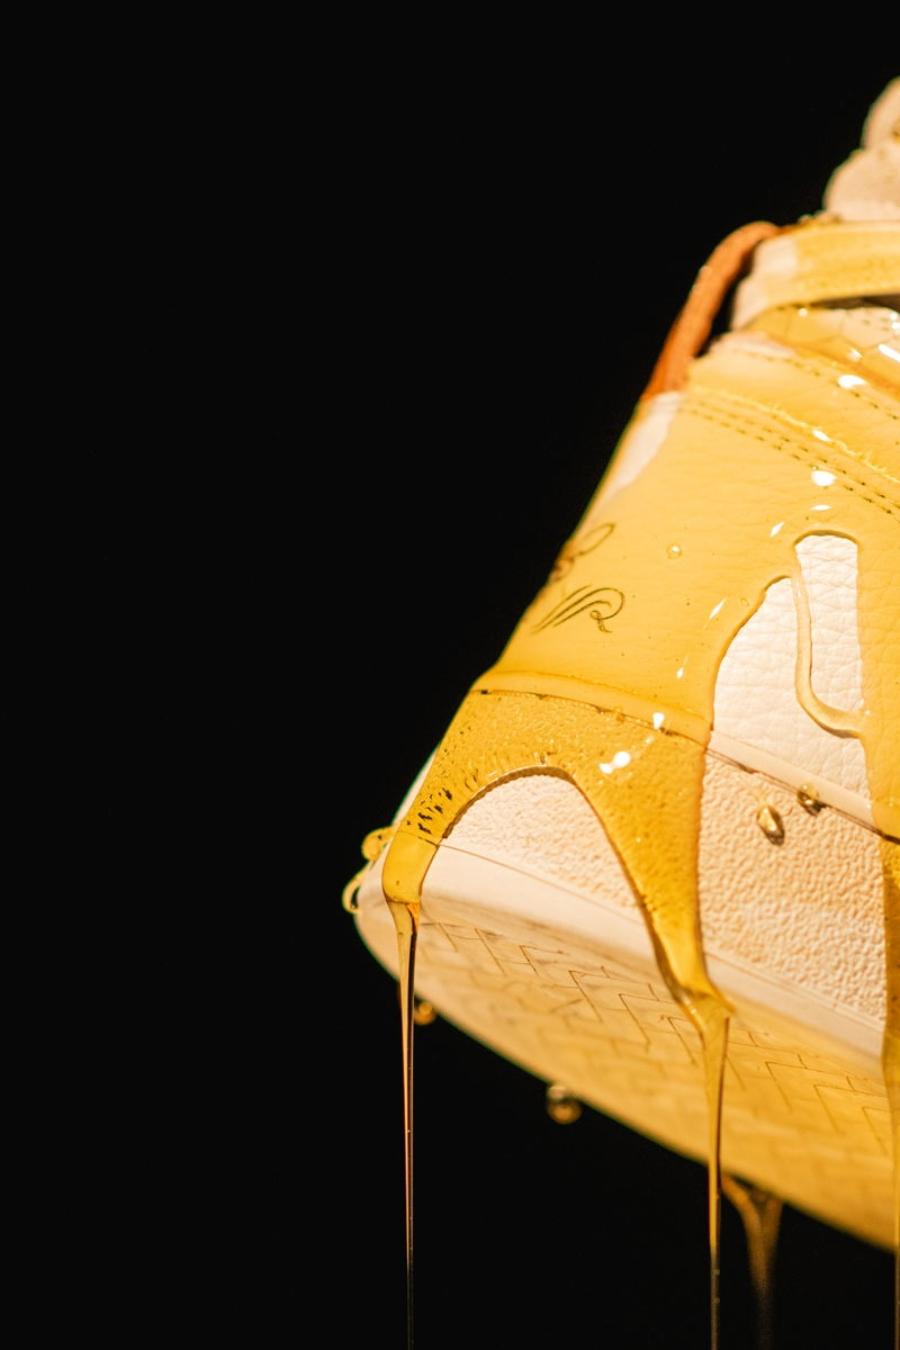 Detalle del sneaker con miel sobre su superficie